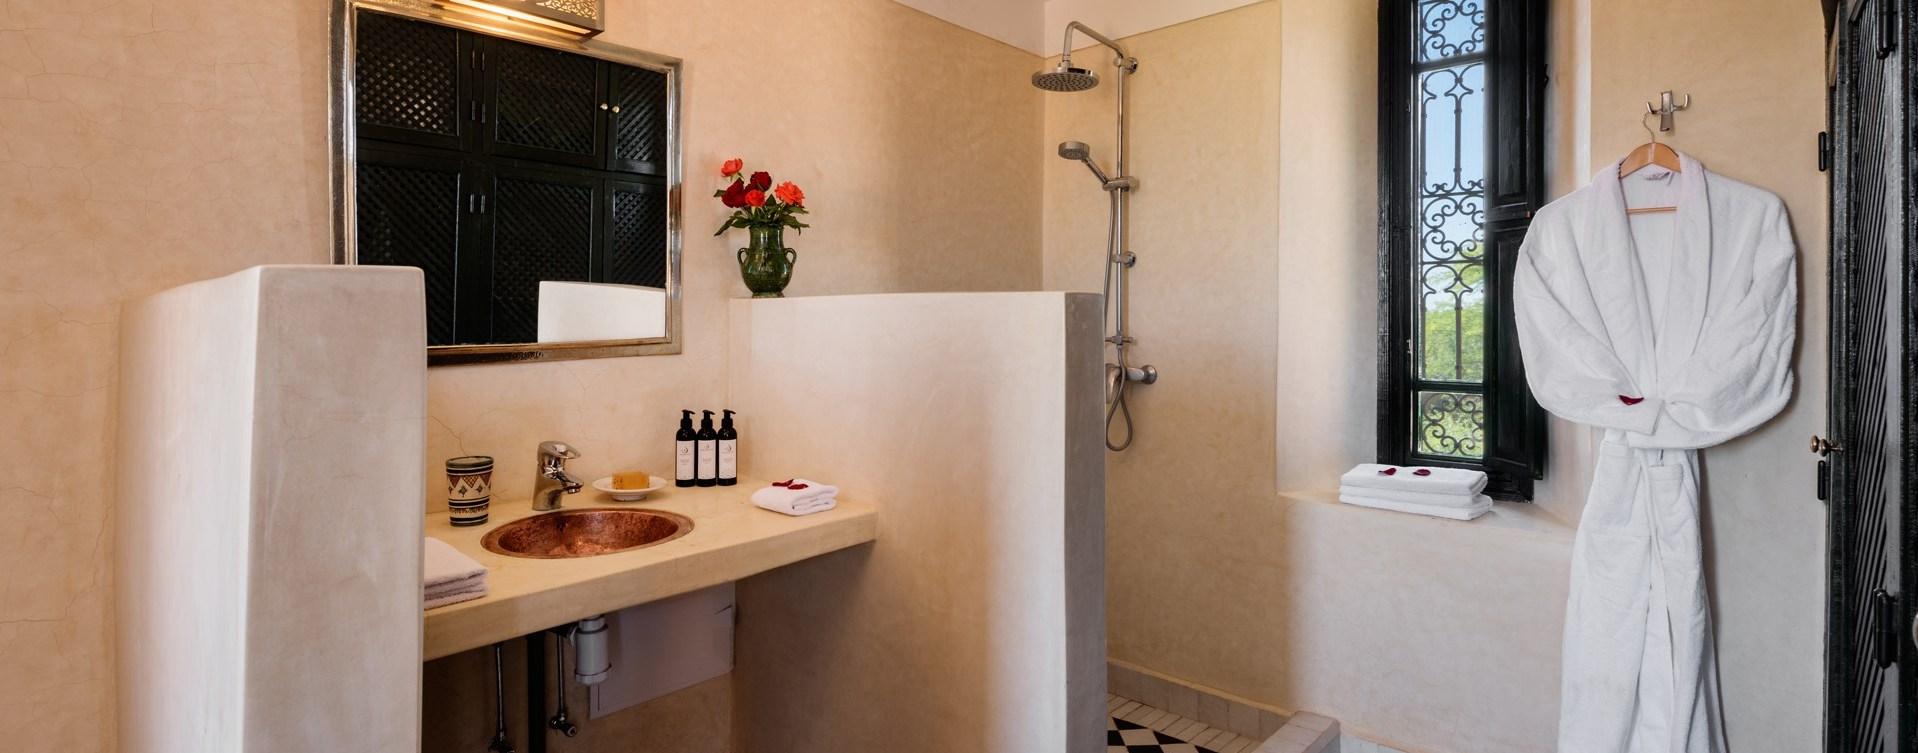 Tadelakt-shower-room